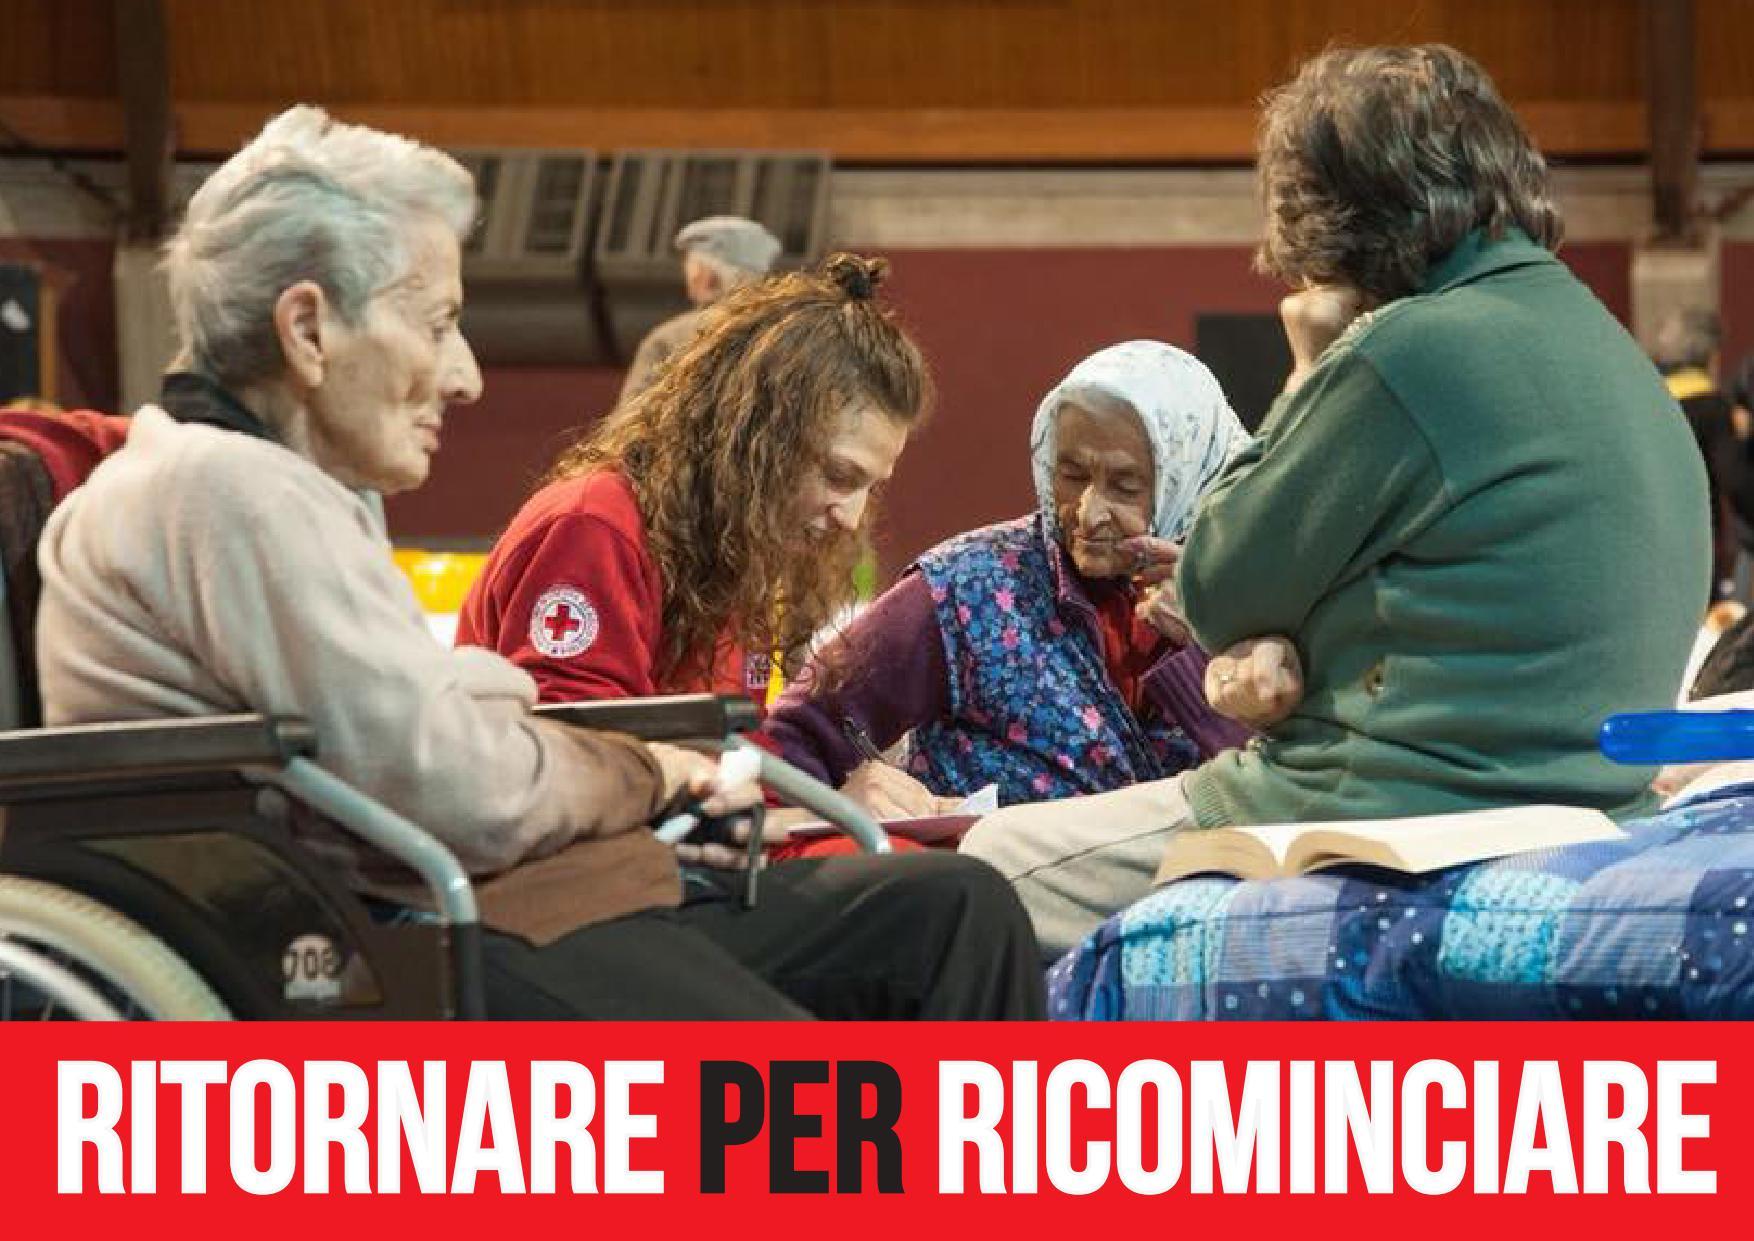 """Con """"Ritornare per Ricominciare"""" la Croce Rossa in campo per curare le crepe dell'anima generate dal sisma"""